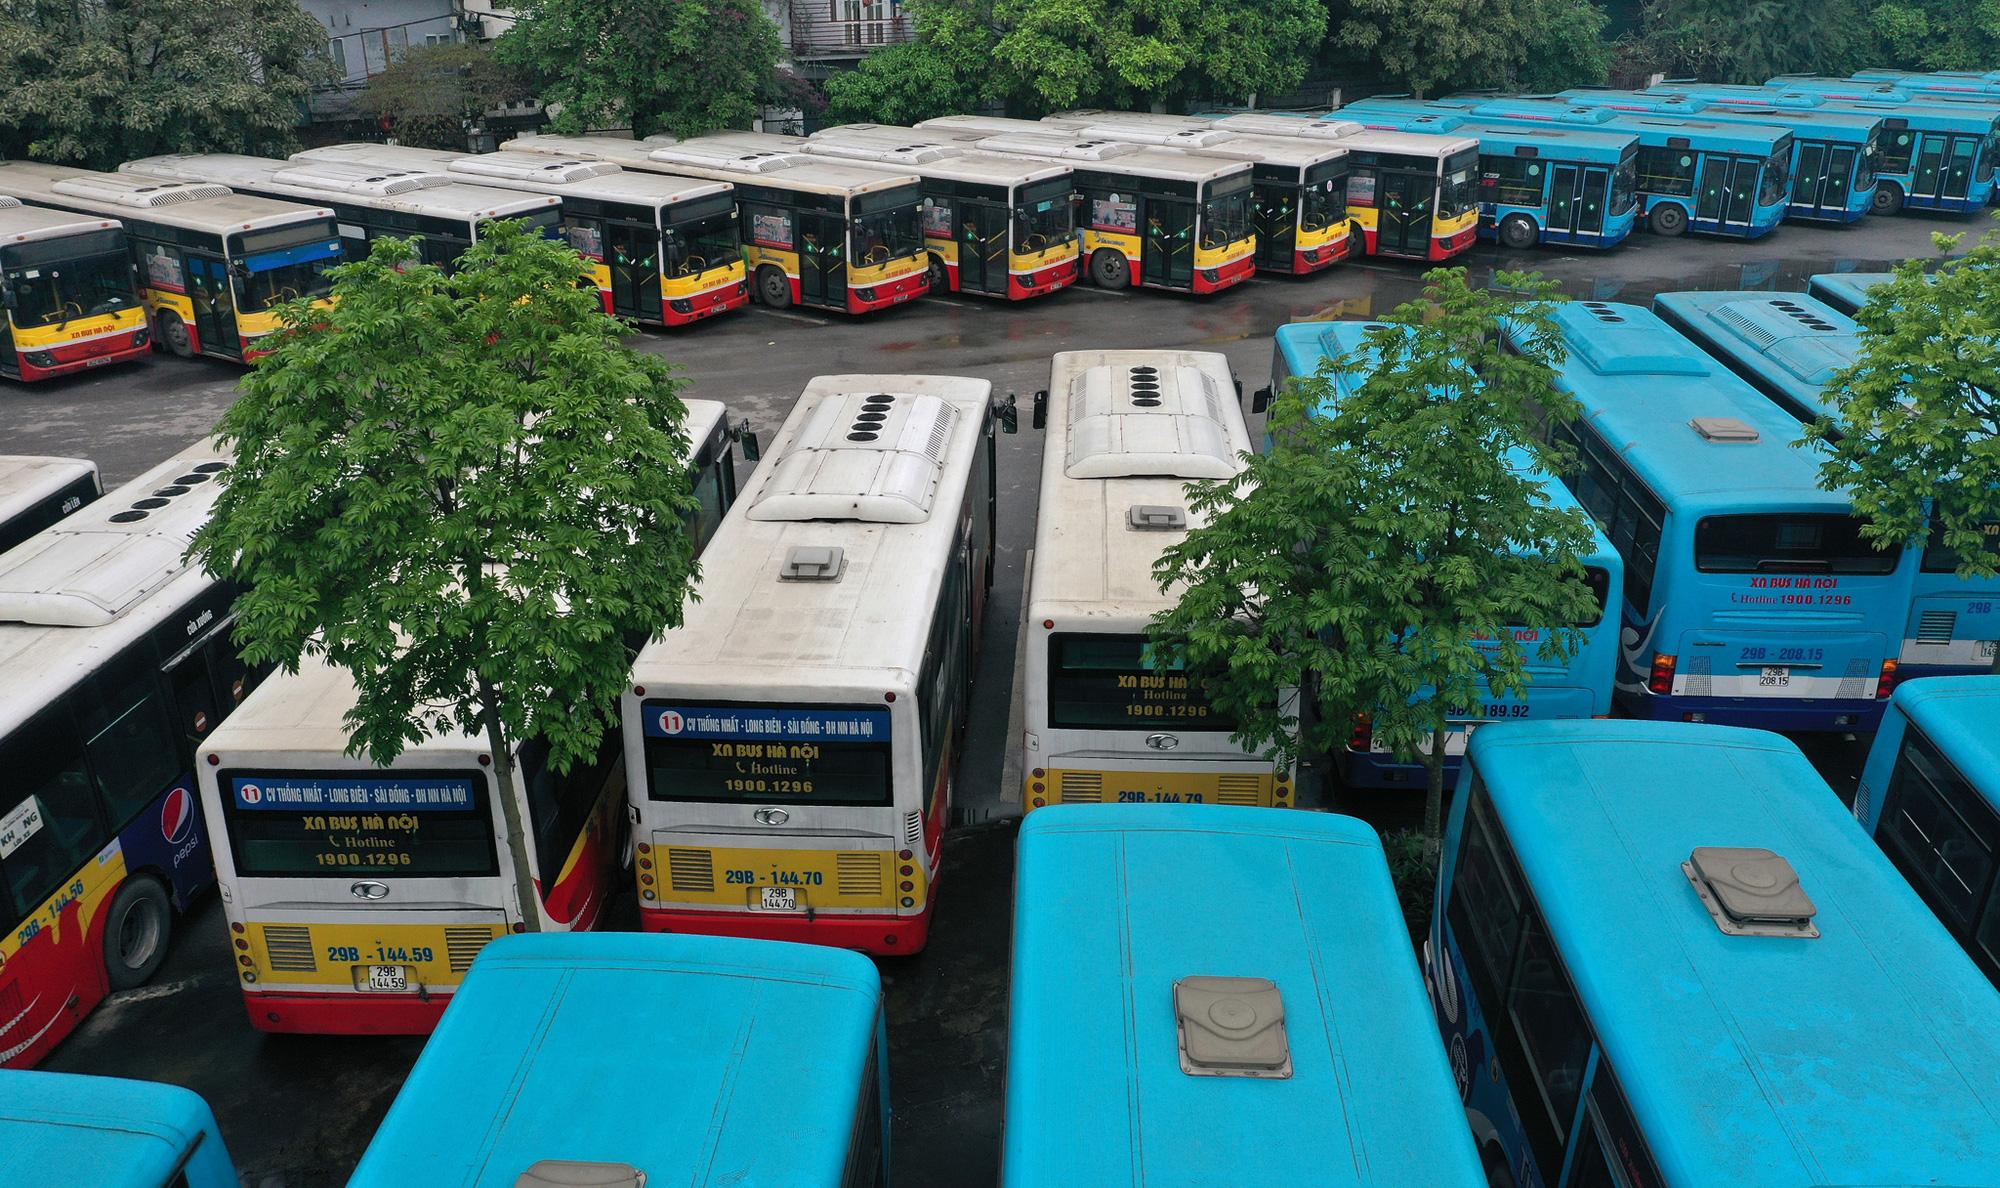 [ẢNH] Vẻ đẹp của gần 200 xe buýt tập kết về bến xếp hàng trong đêm - Ảnh 8.